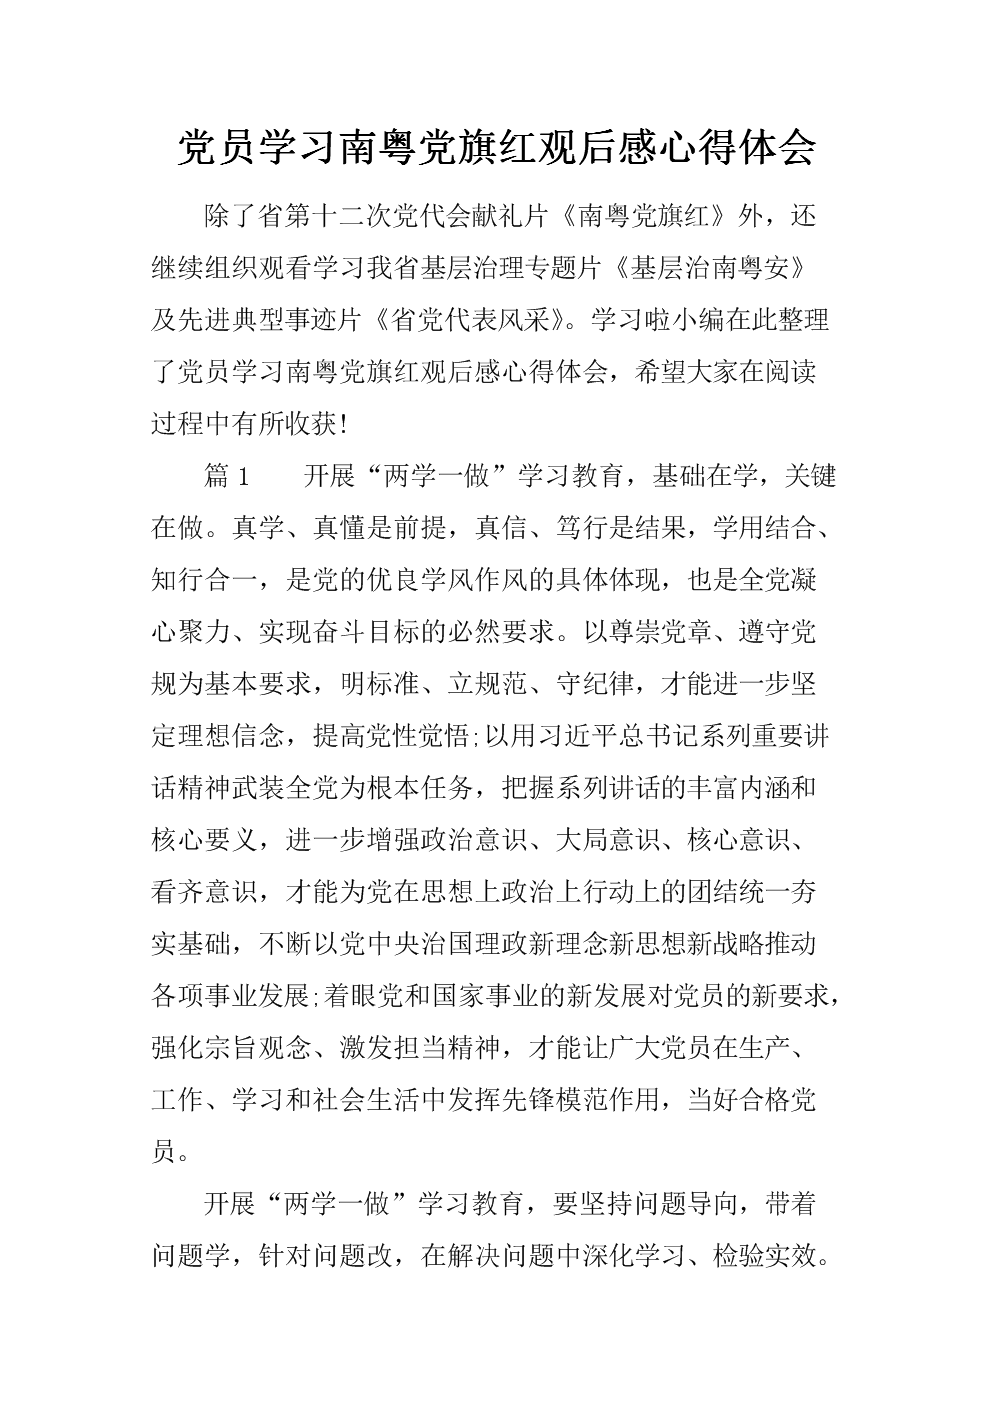 党员学习南粤党旗红观后感的心得体会.docx